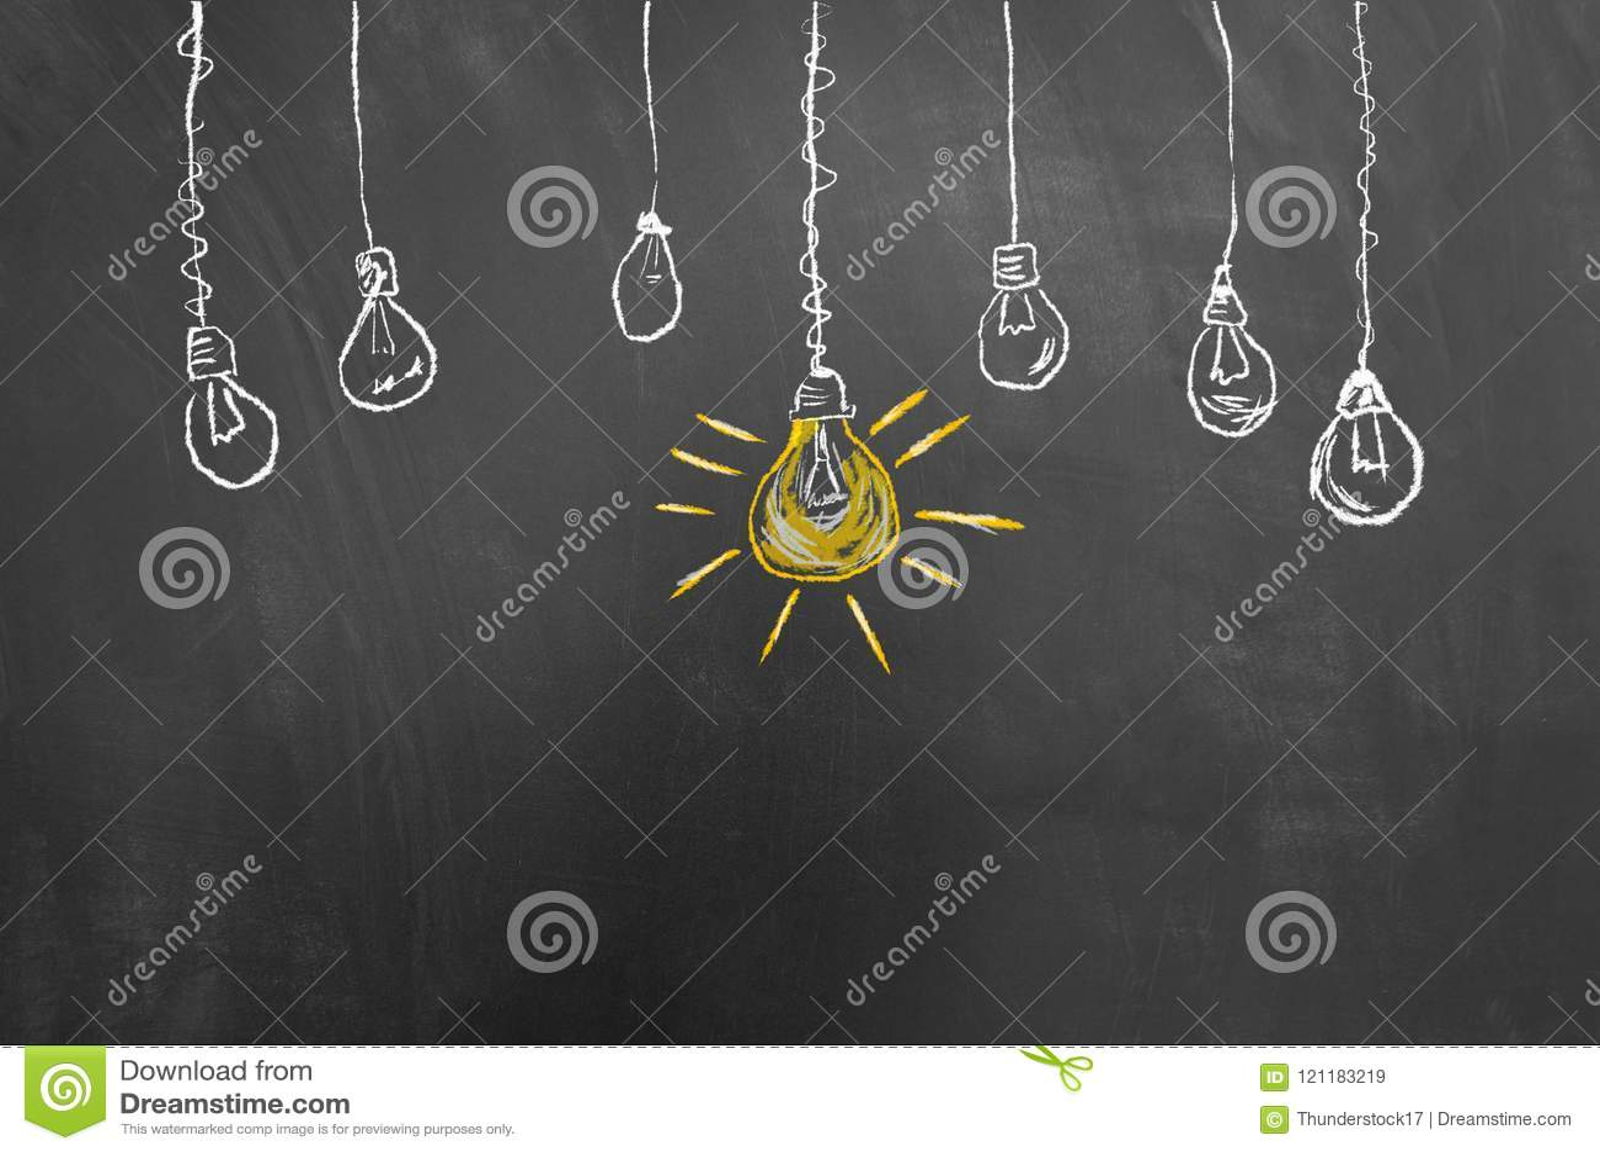 Great idea light bulb drawing on blackboard or chalkboard